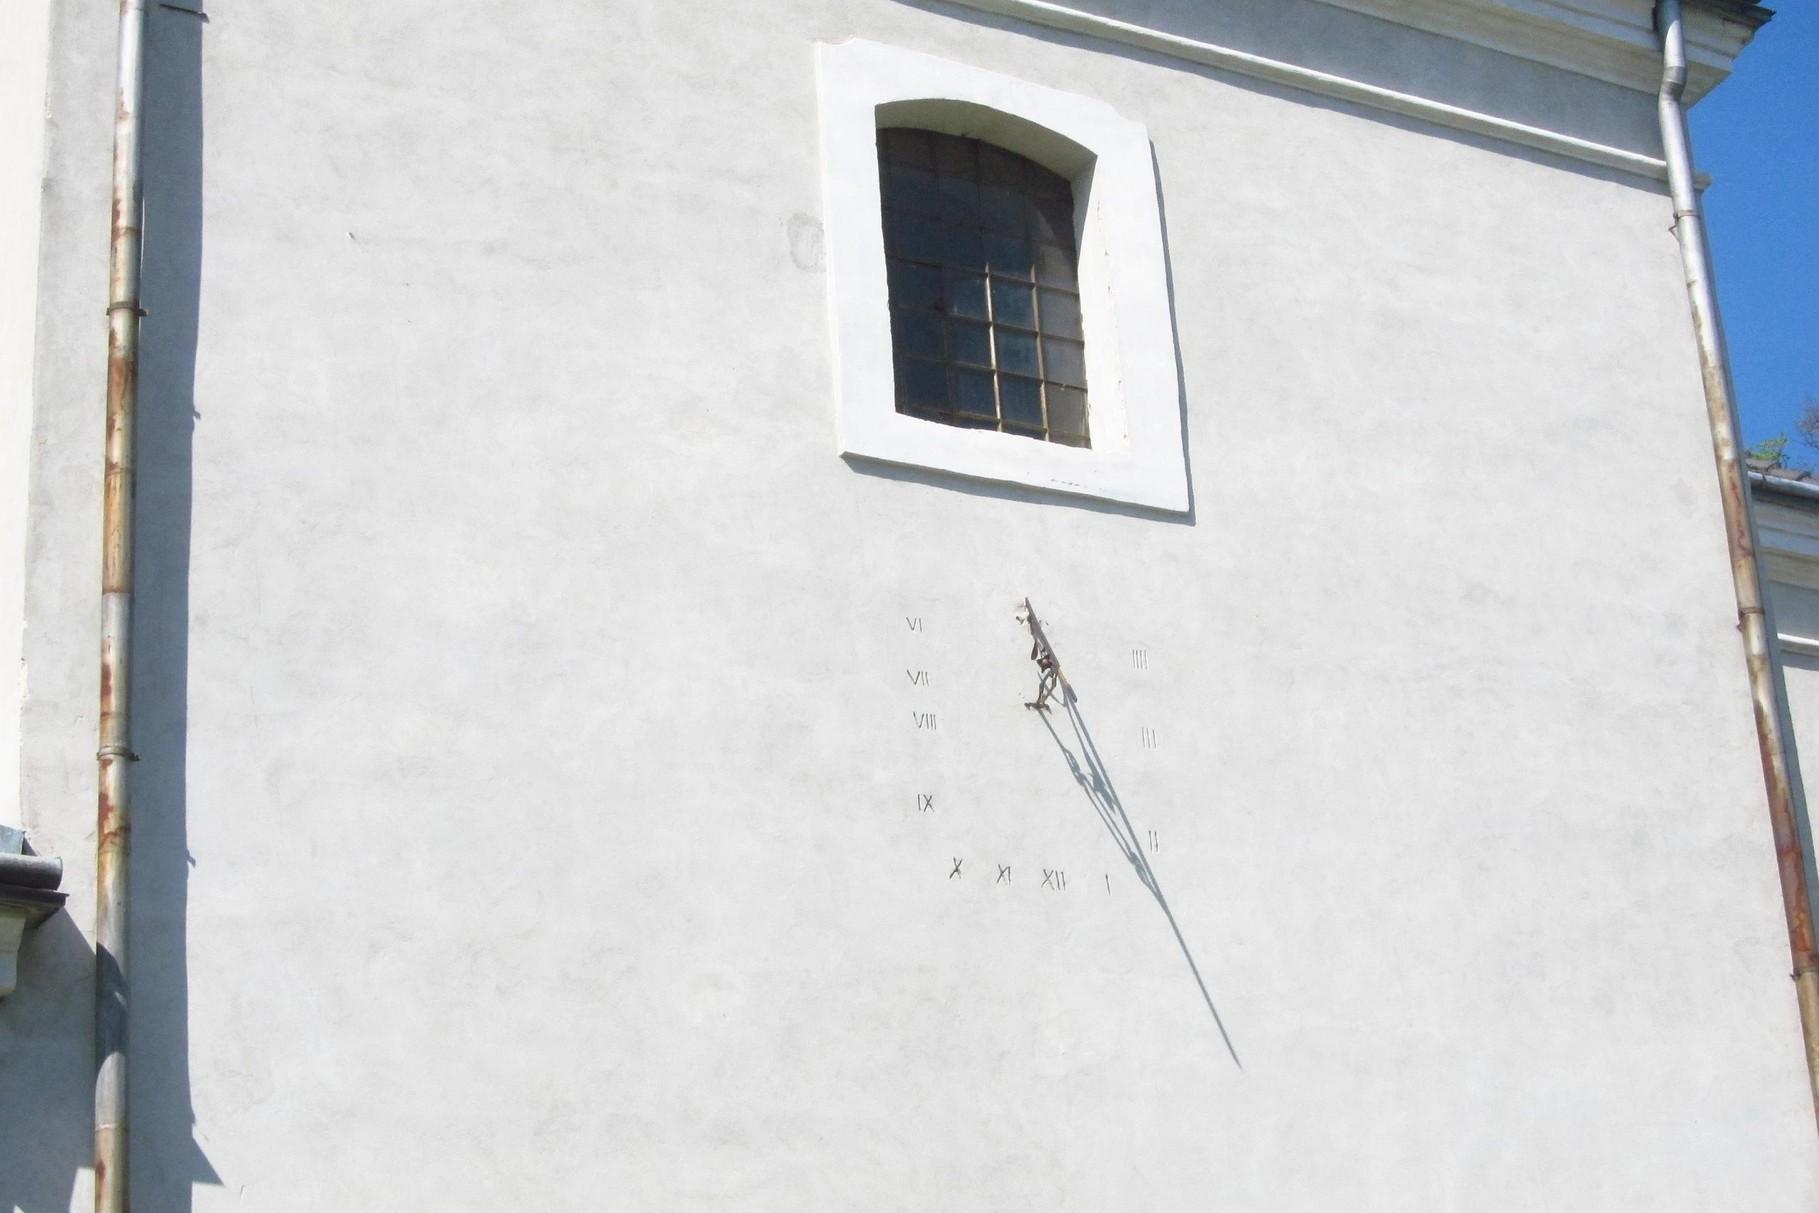 Сонячний годинник на стіні храму.